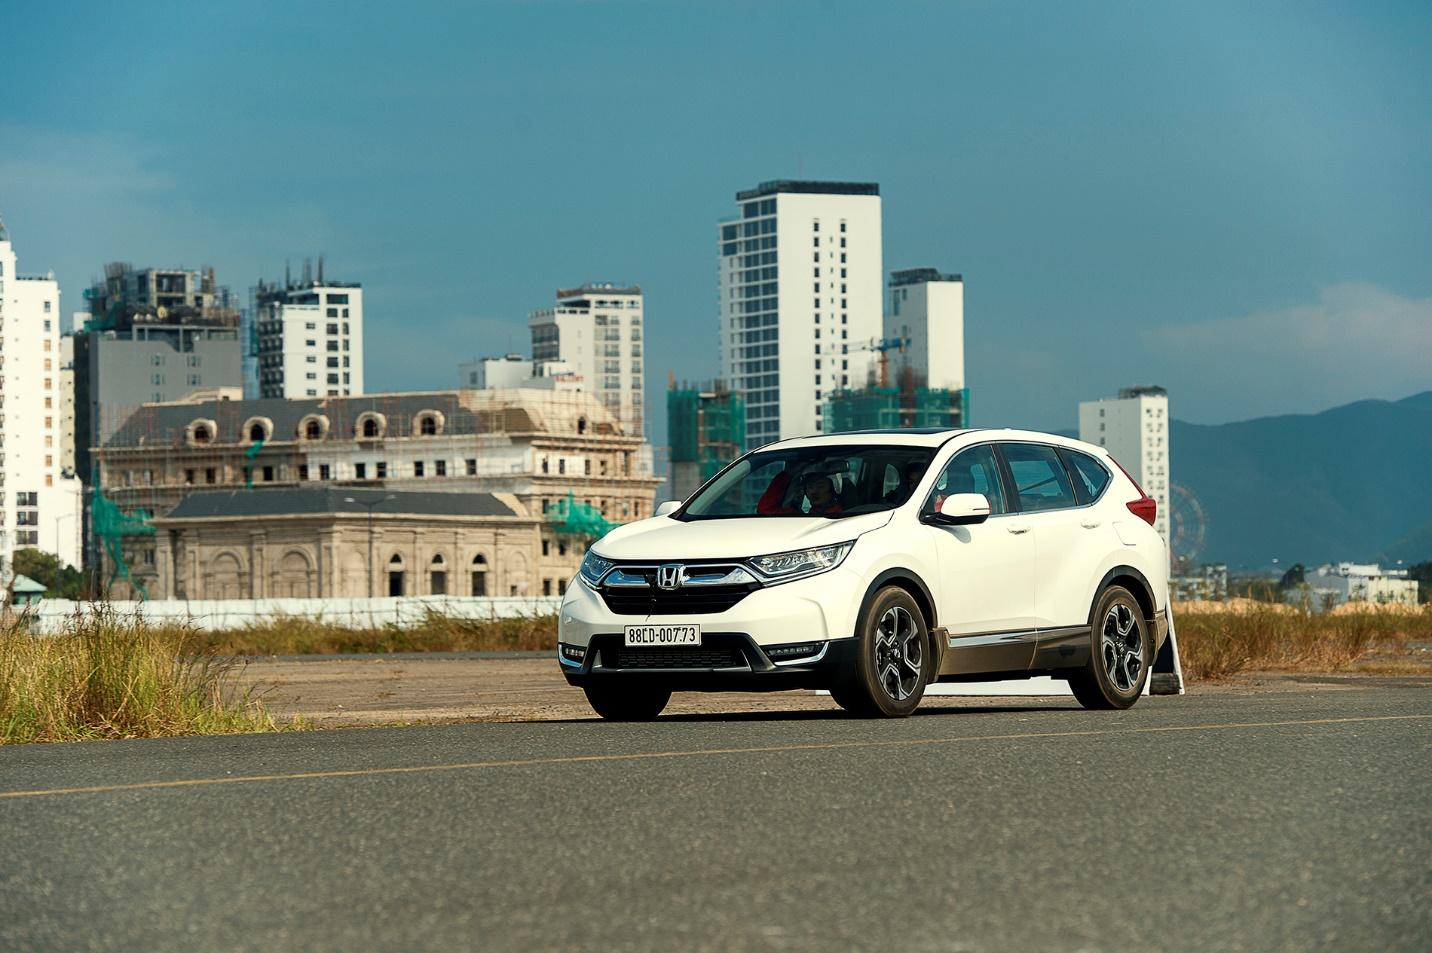 """Ra mắt mẫu CR -V thế hệ thứ 5, Honda kỳ vọng tạo nên """"cú hích"""" trong phân khúc SUV"""